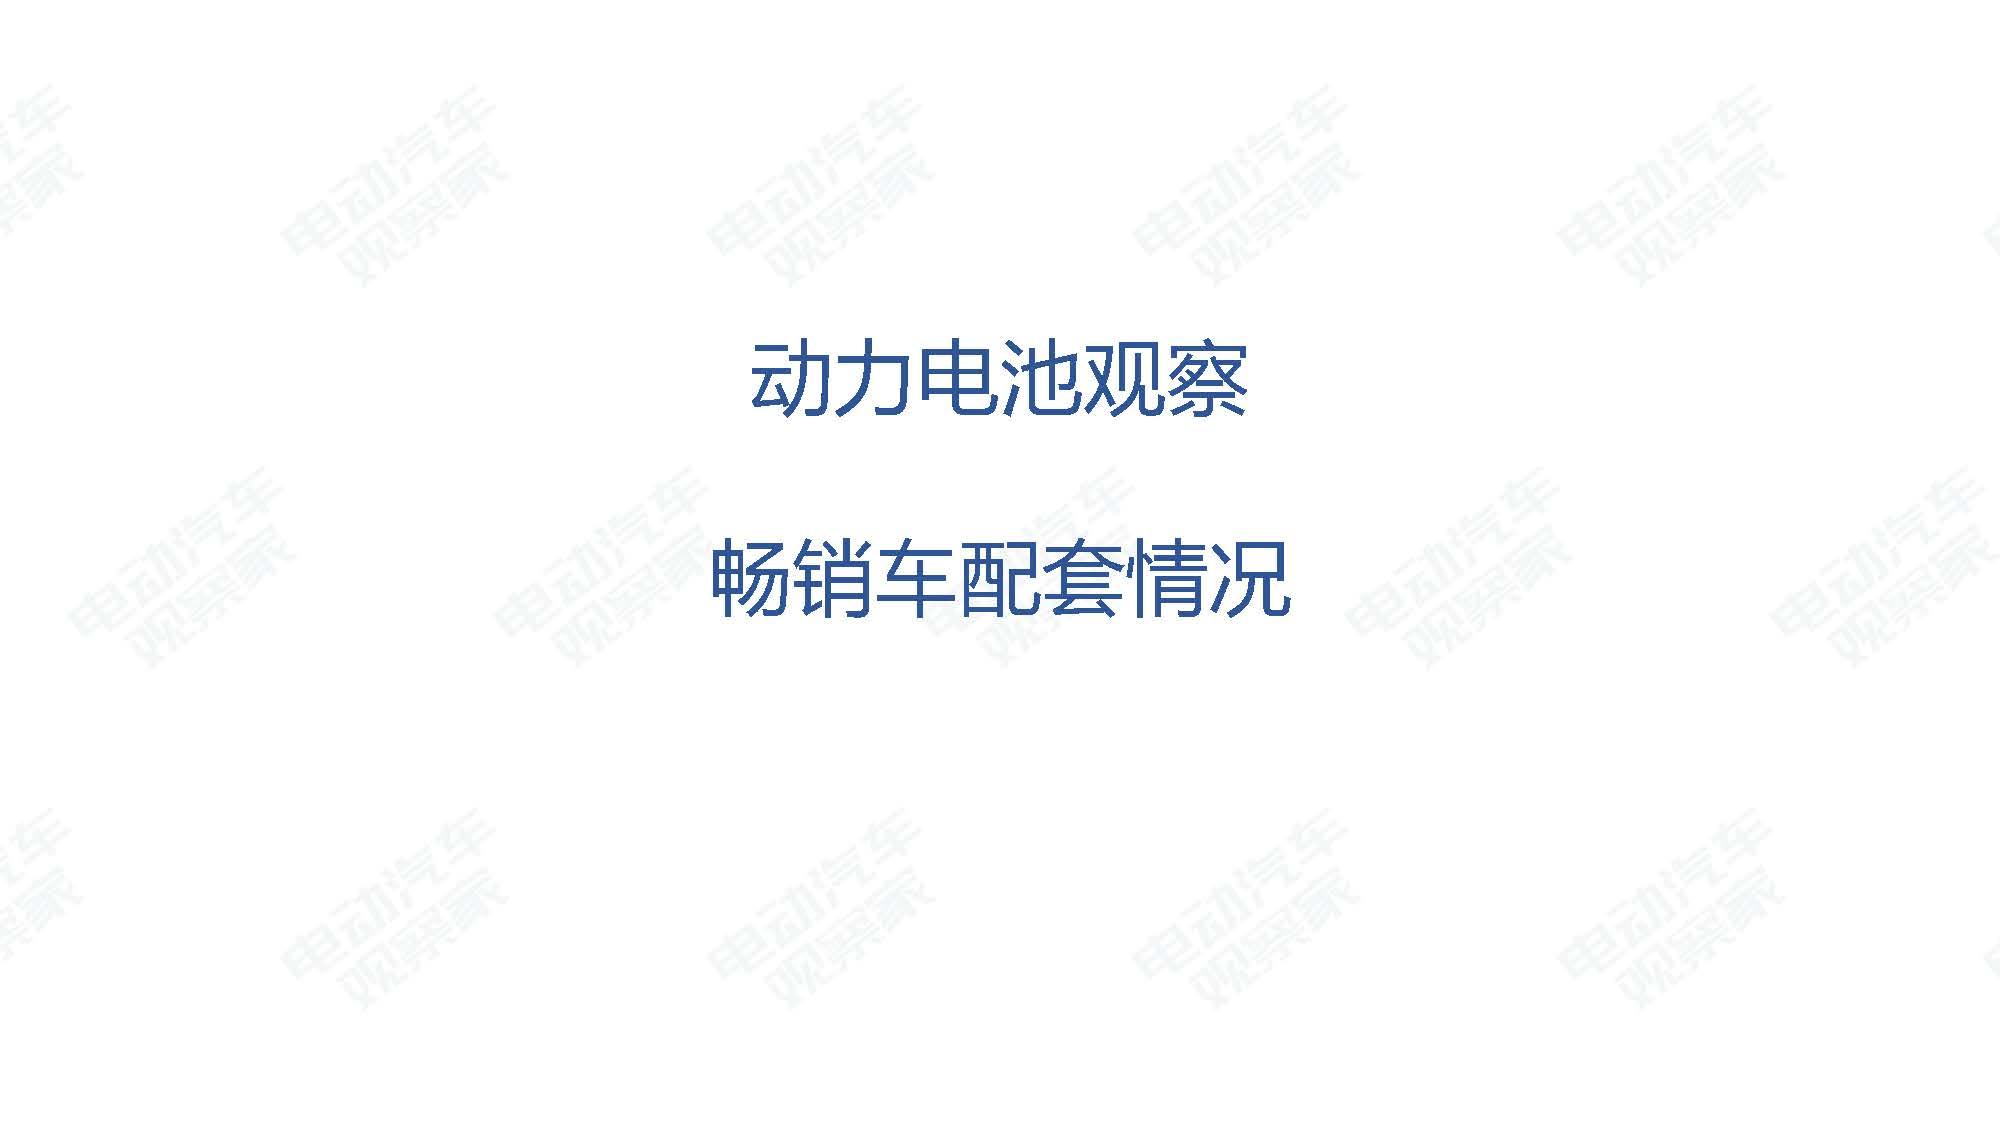 2019年11月中国新能源汽车产业观察_页面_095